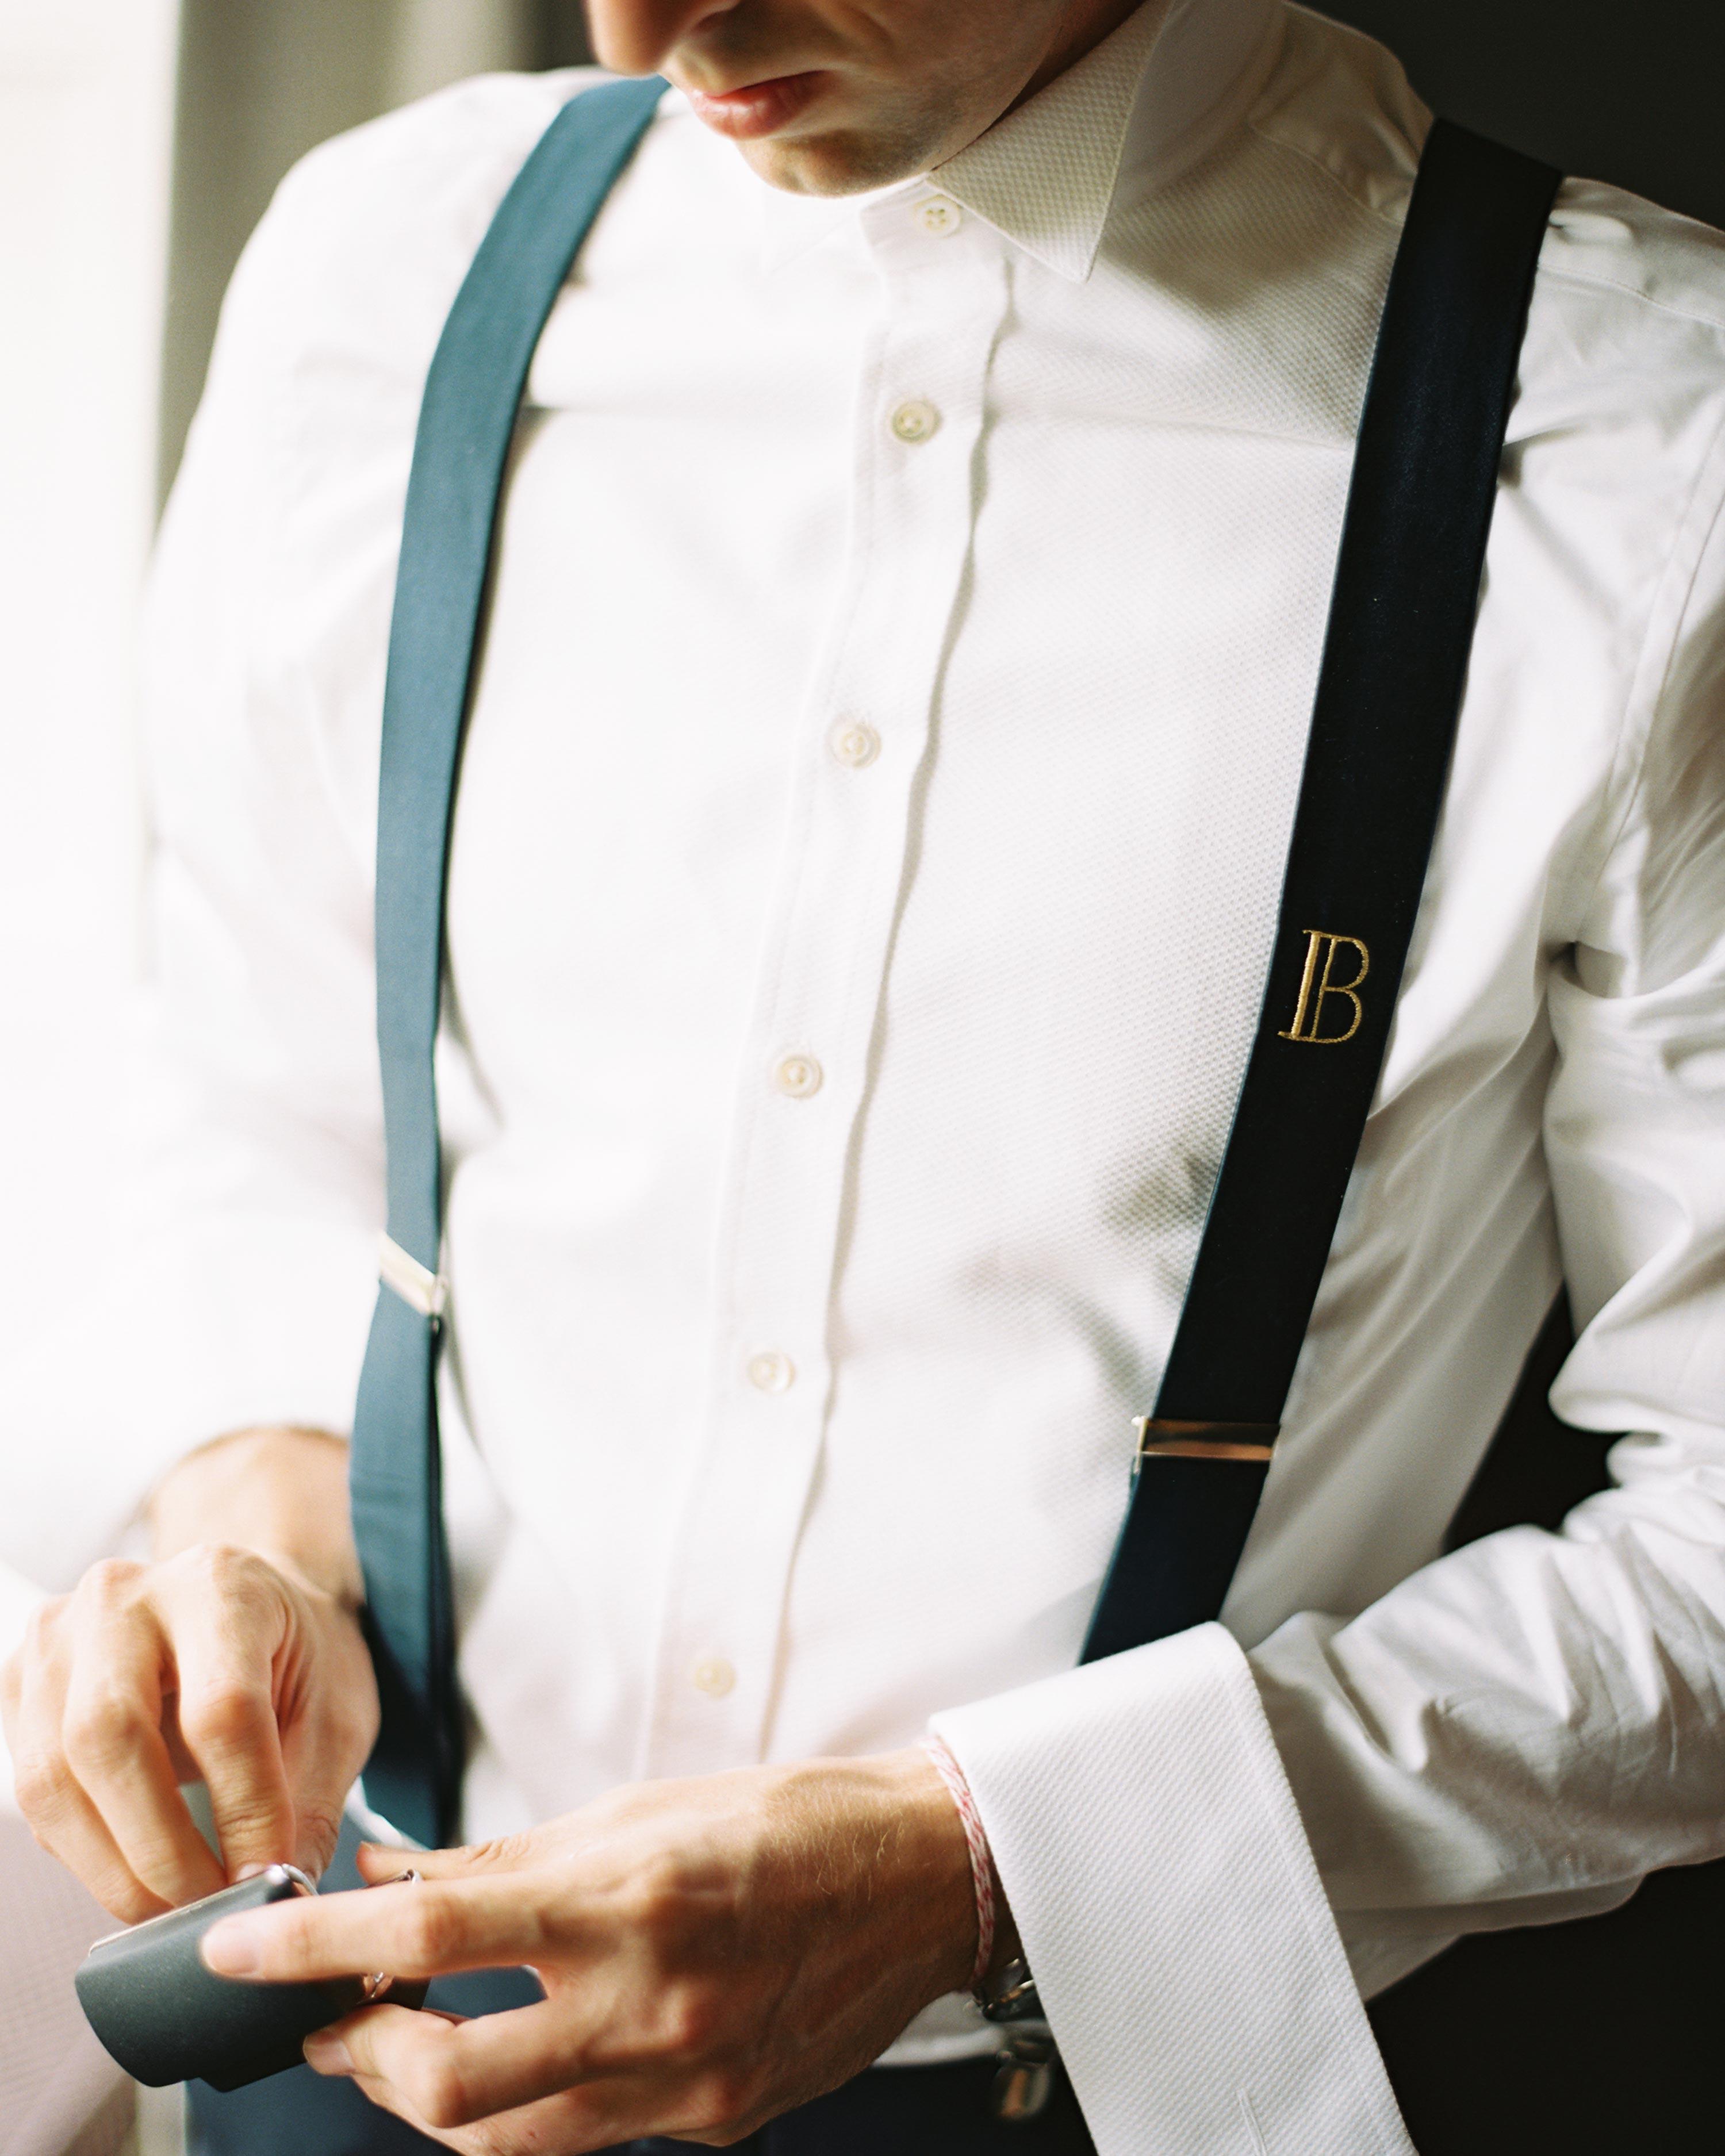 katie-kent-wedding-groom-171-s112765-0316.jpg